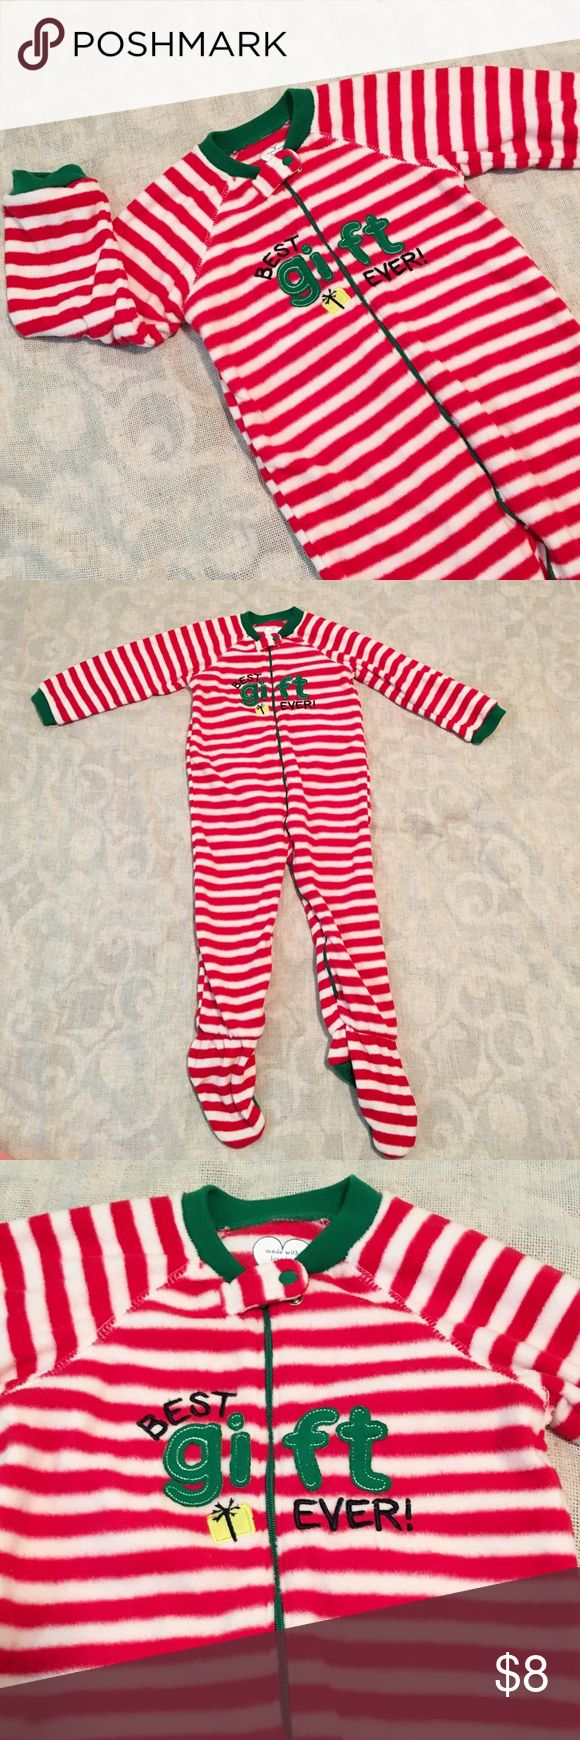 Fleece Christmas Footie Pajamas Unisex Red and white striped footie pajamas with green trim. 100% polyester. Flame retardant. Children's Place Pajamas